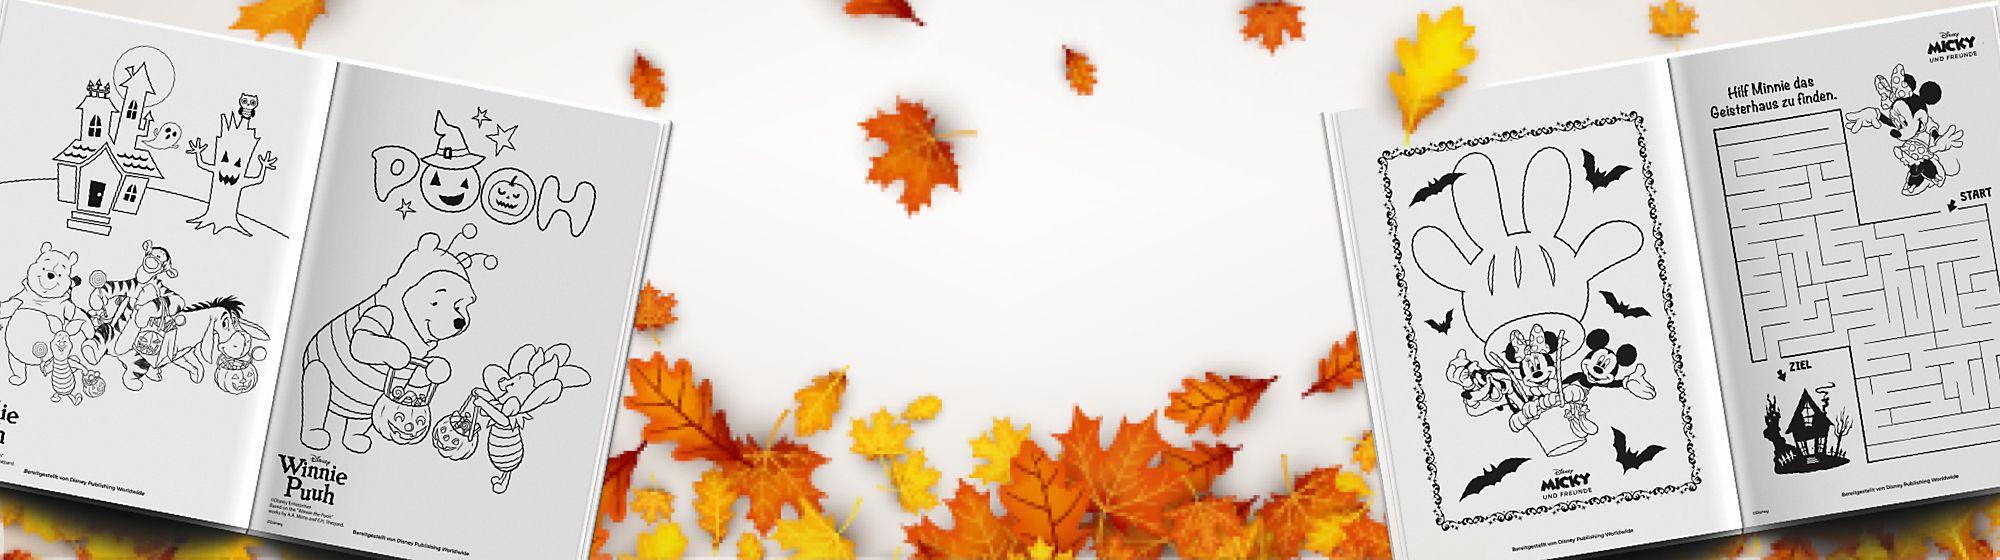 Herbstliche Aktivitäten Erschaffe diesen Oktober Herbstzauber mit der Auswahl an Familienaktivitäten für Zuhause! JETZT ENTDECKEN